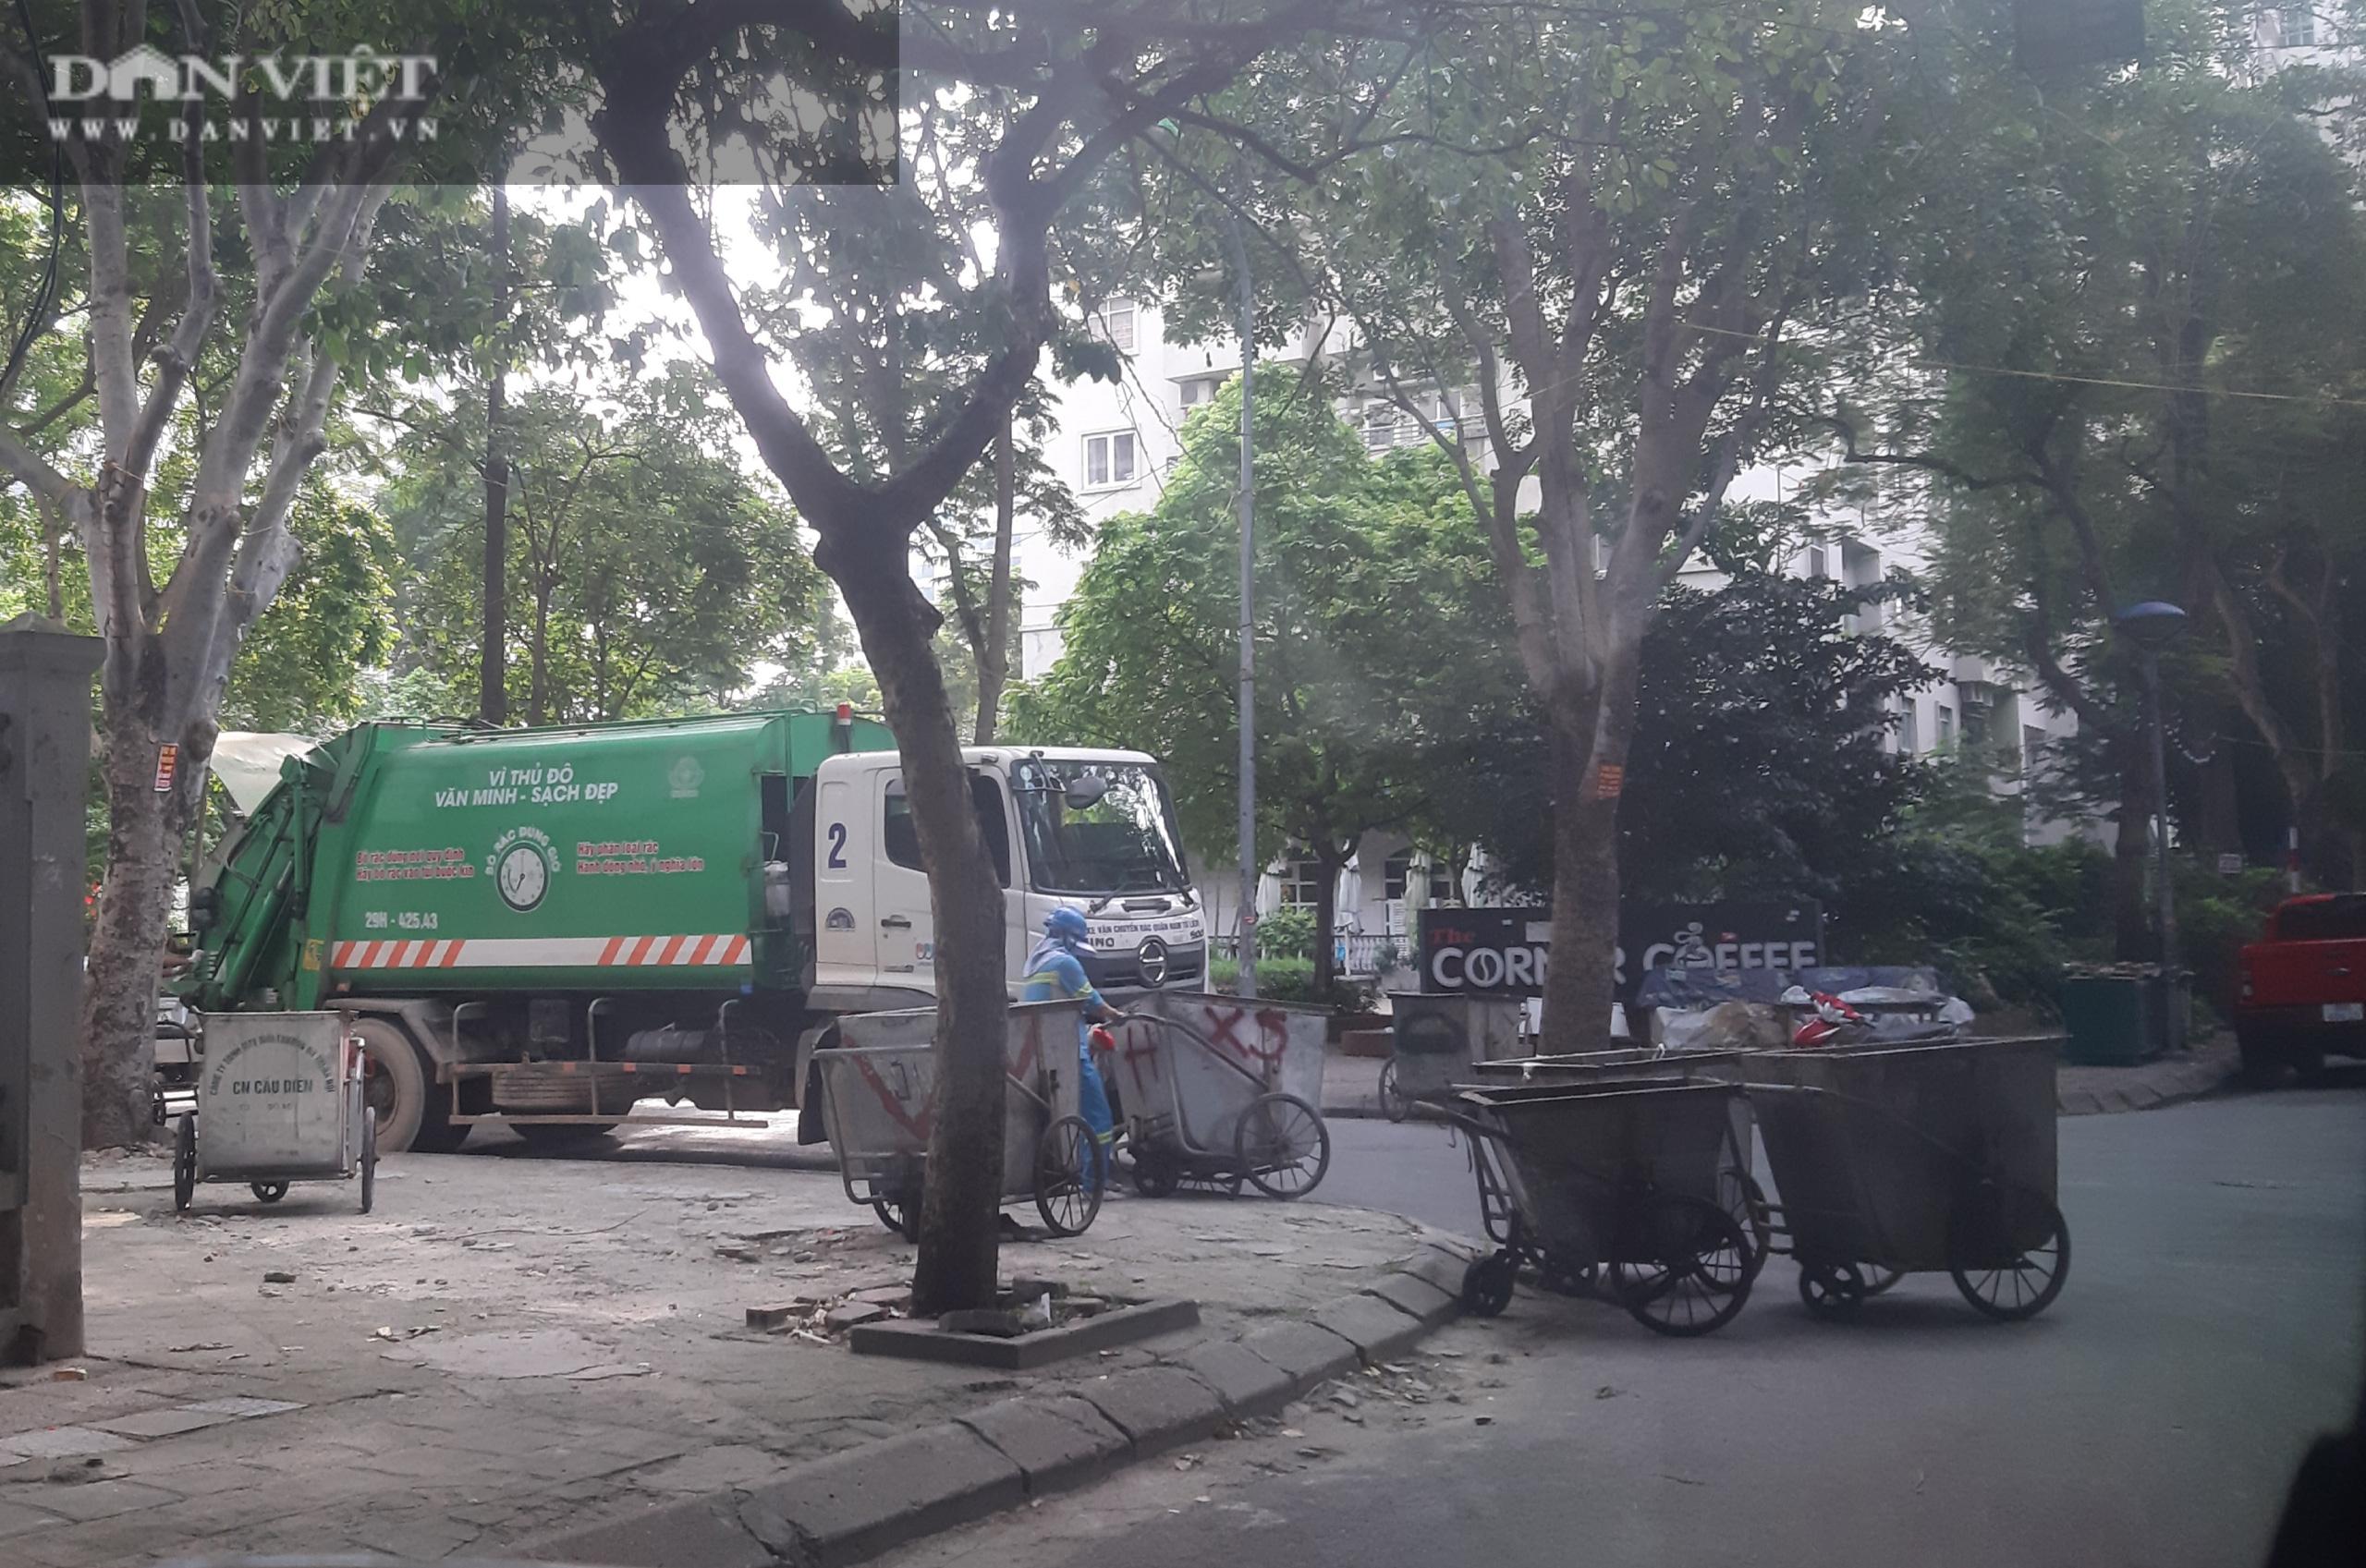 Bài 2: Tràn lan hình ảnh gây ô nhiễm của các công ty bảo vệ môi trường giữa thủ đô - Ảnh 9.